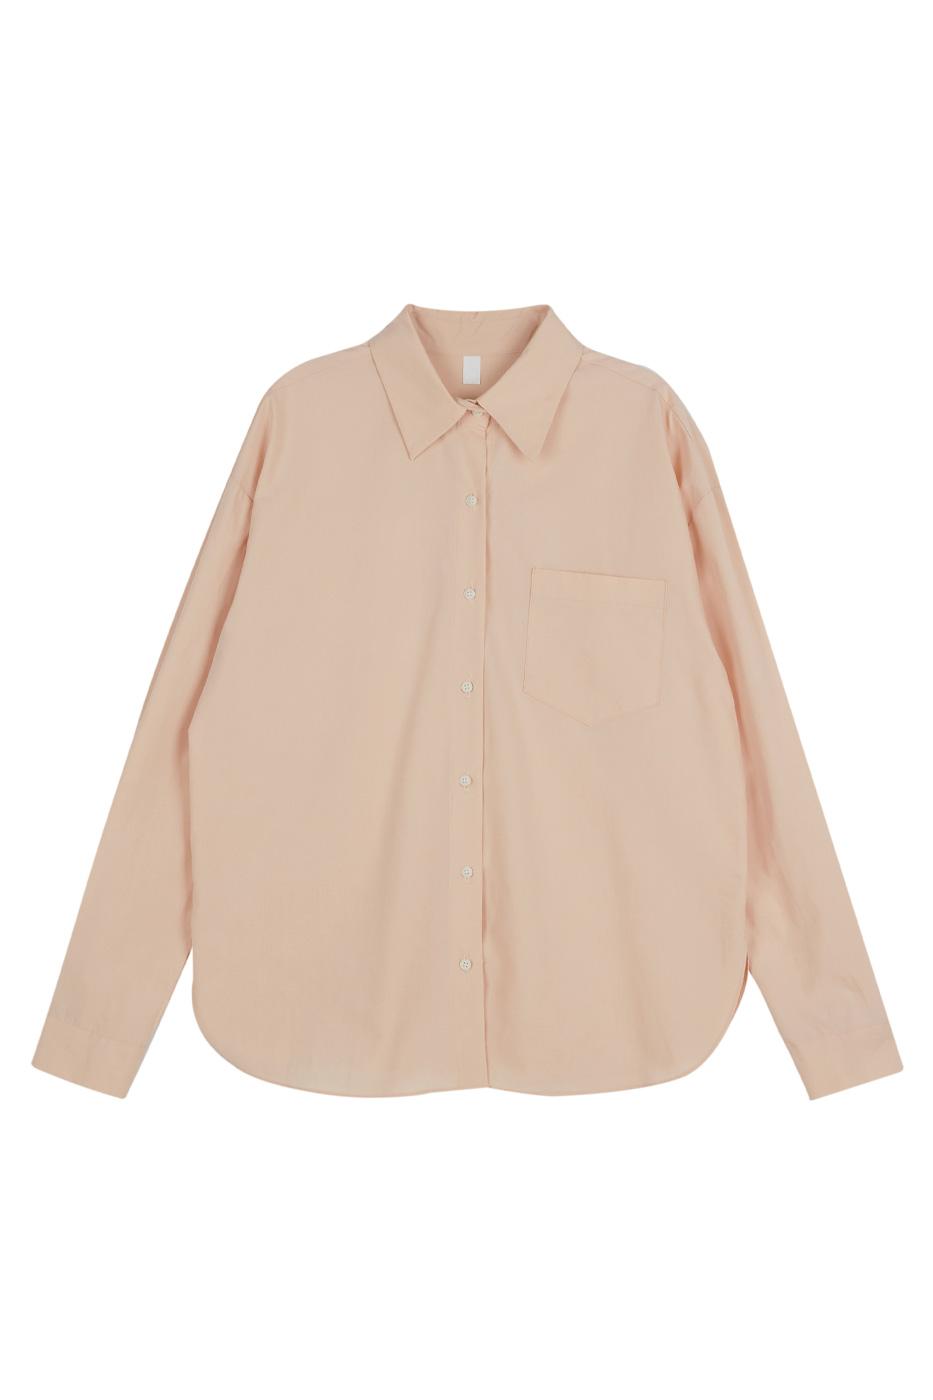 Lena standard shirt